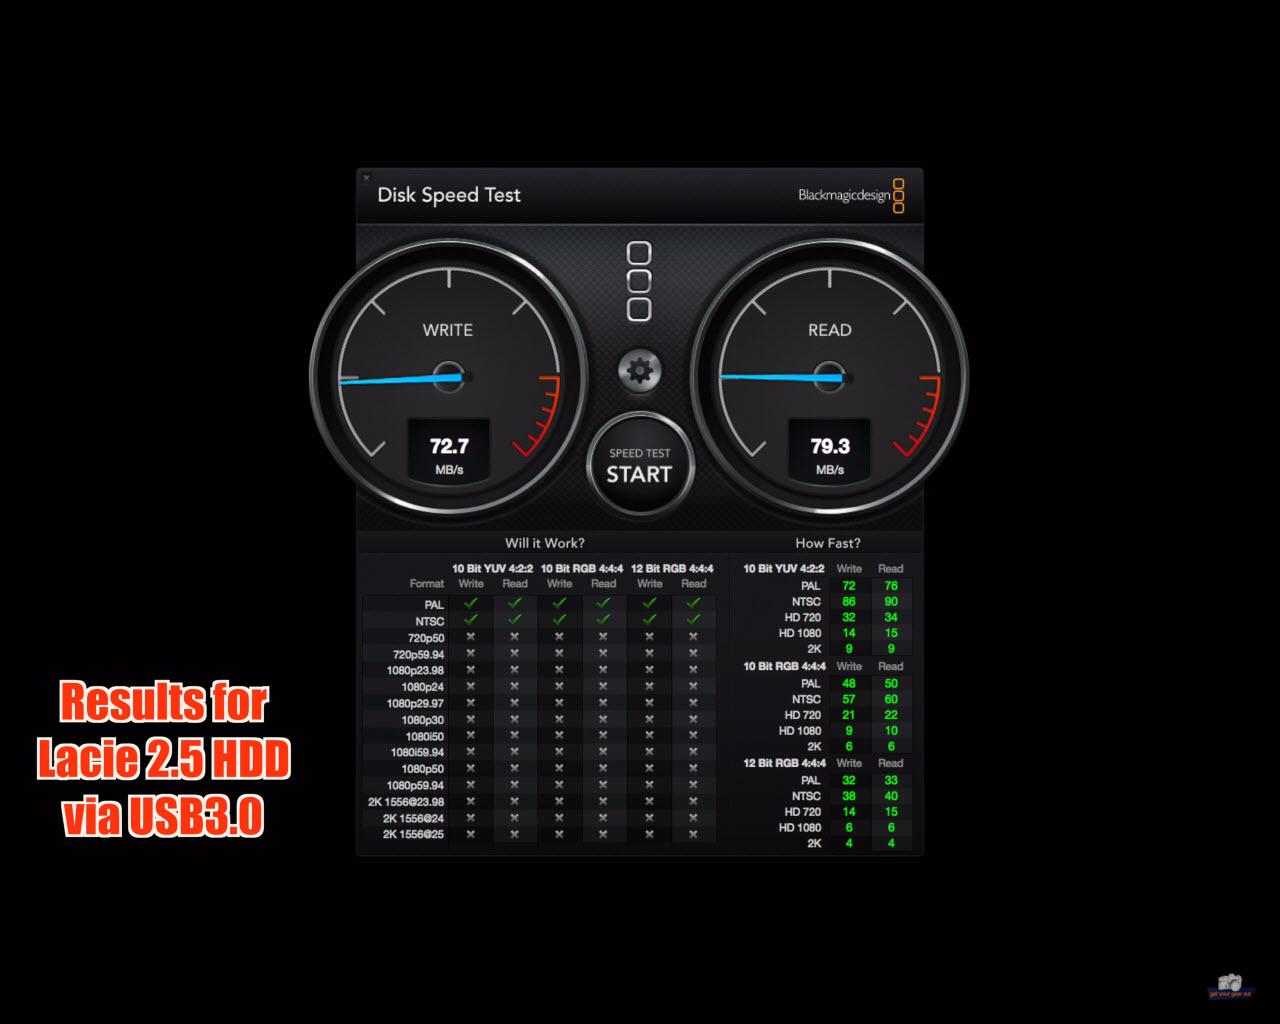 Lacie 2.5 HDD USB 3.0 benchmark